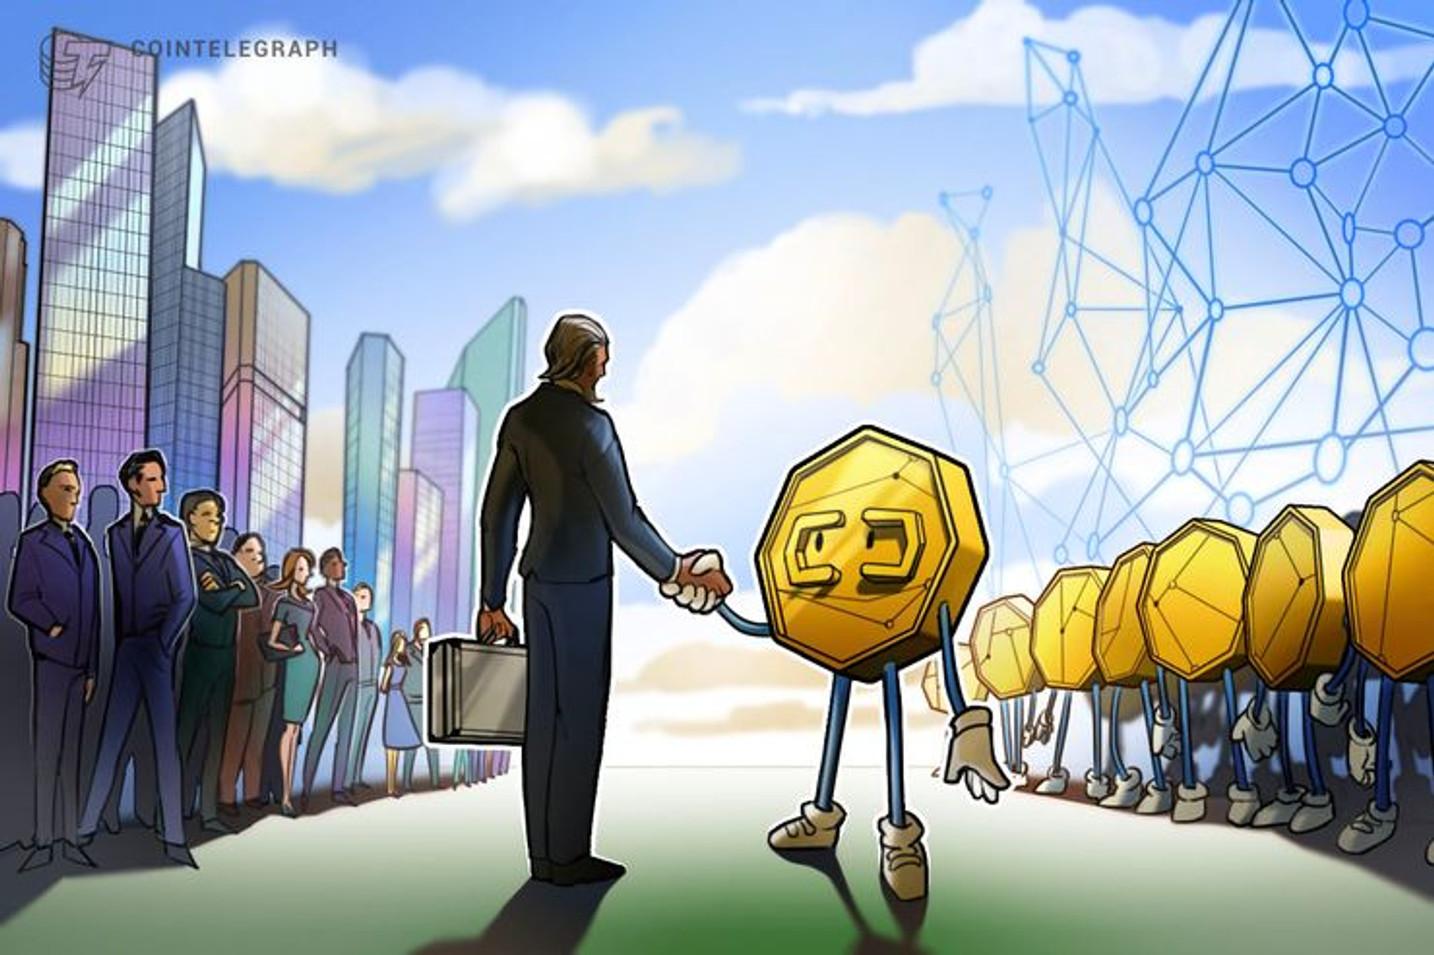 Un acuerdo entre Bantotal y Bitex permitirá la realización de pagos internacionales con tecnología blockchain